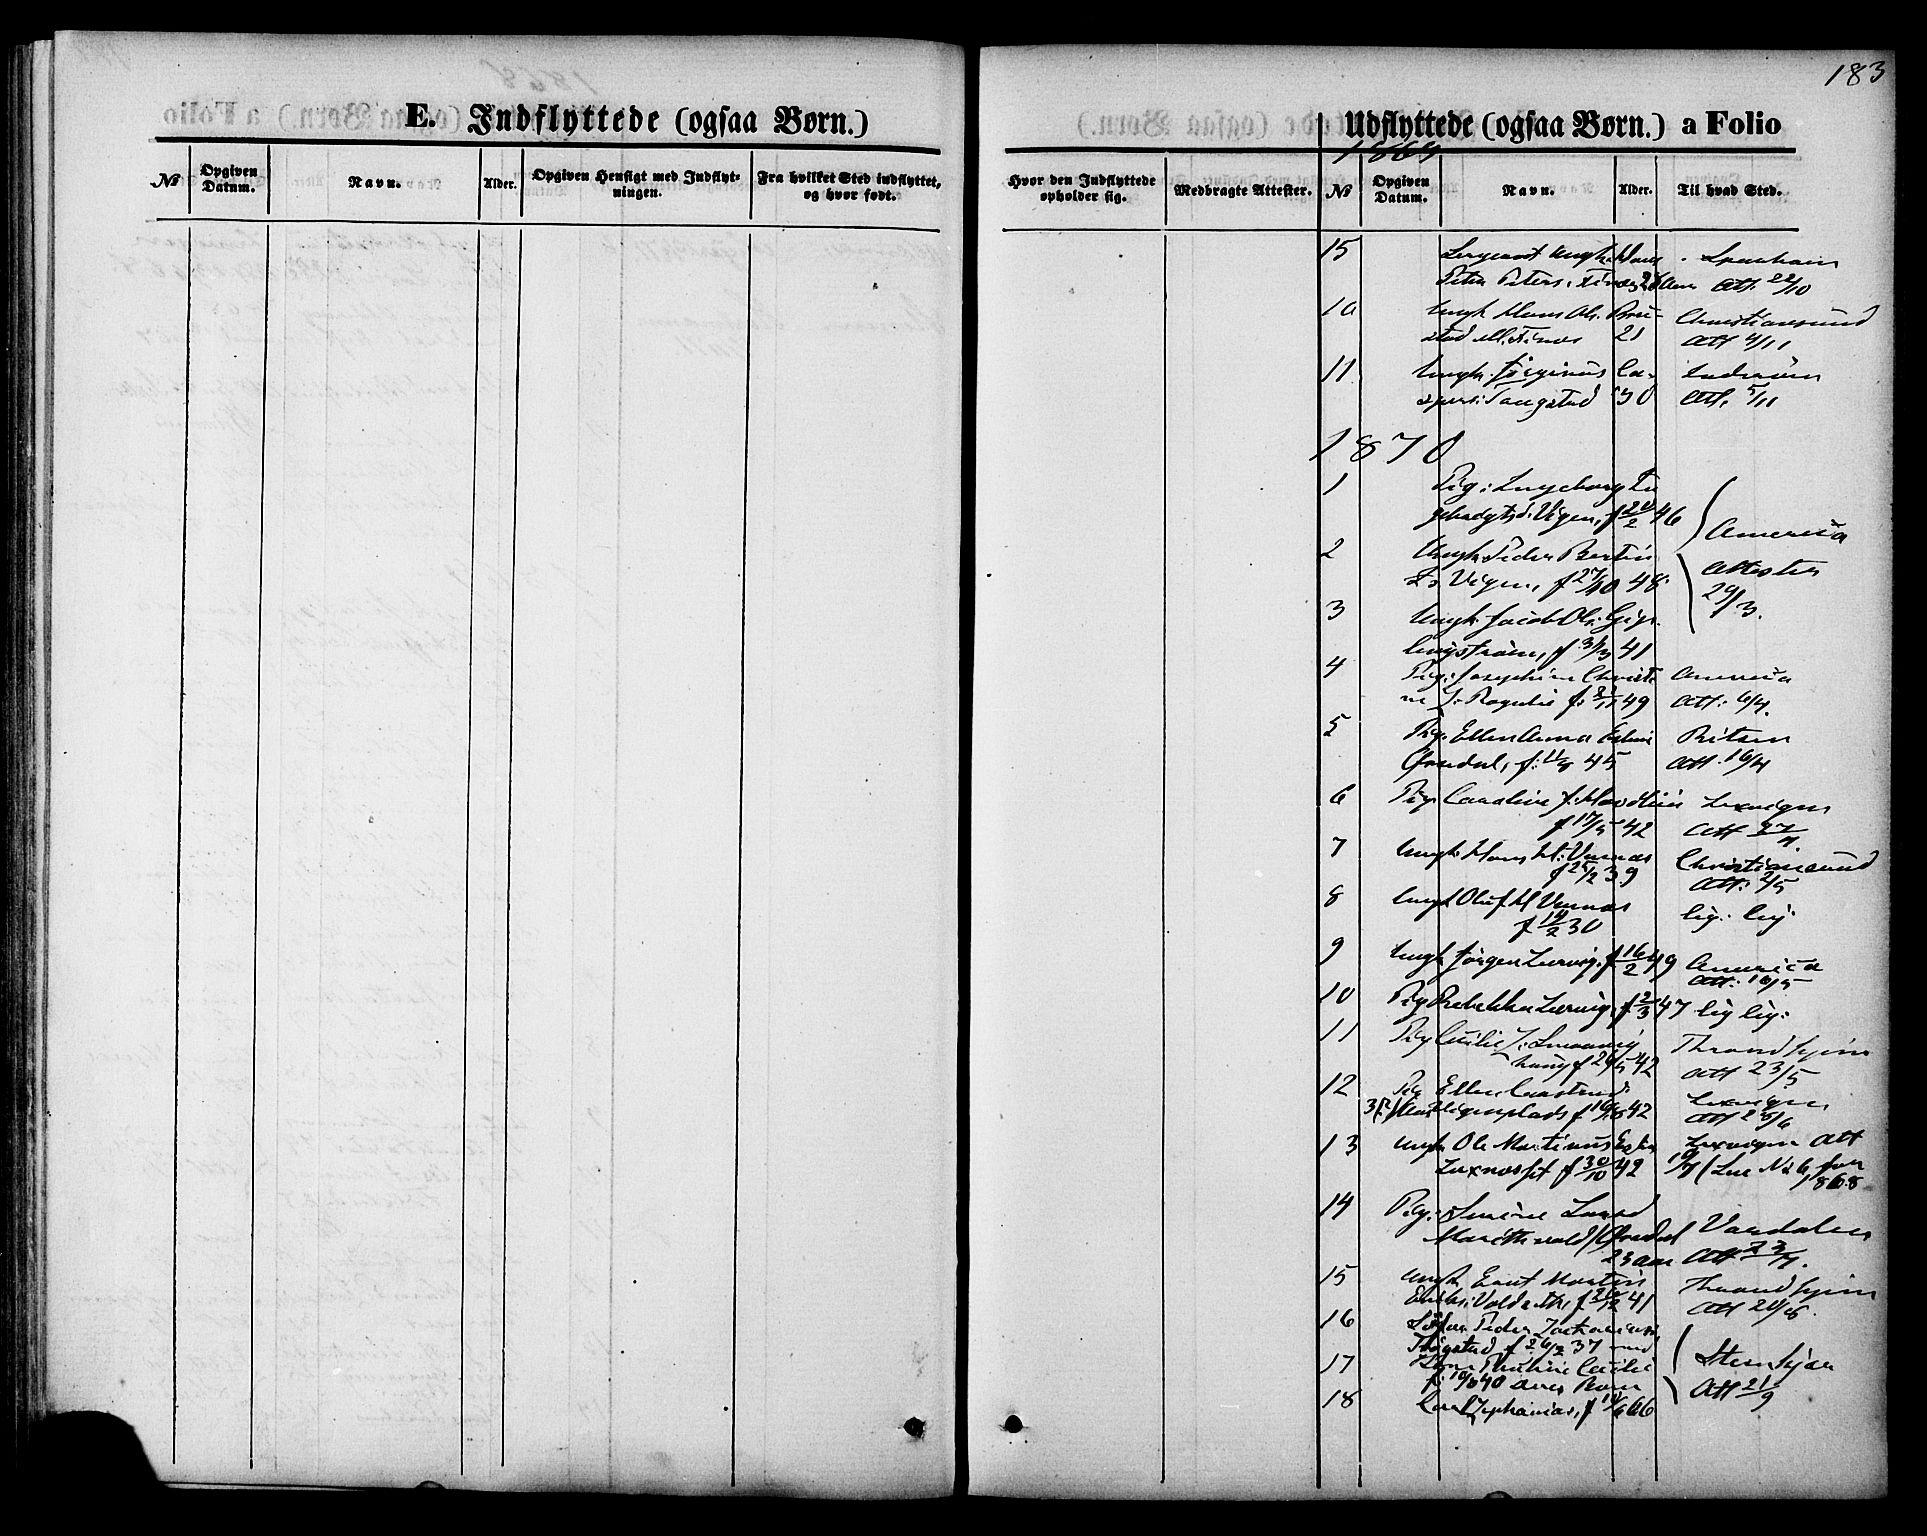 SAT, Ministerialprotokoller, klokkerbøker og fødselsregistre - Nord-Trøndelag, 744/L0419: Ministerialbok nr. 744A03, 1867-1881, s. 183